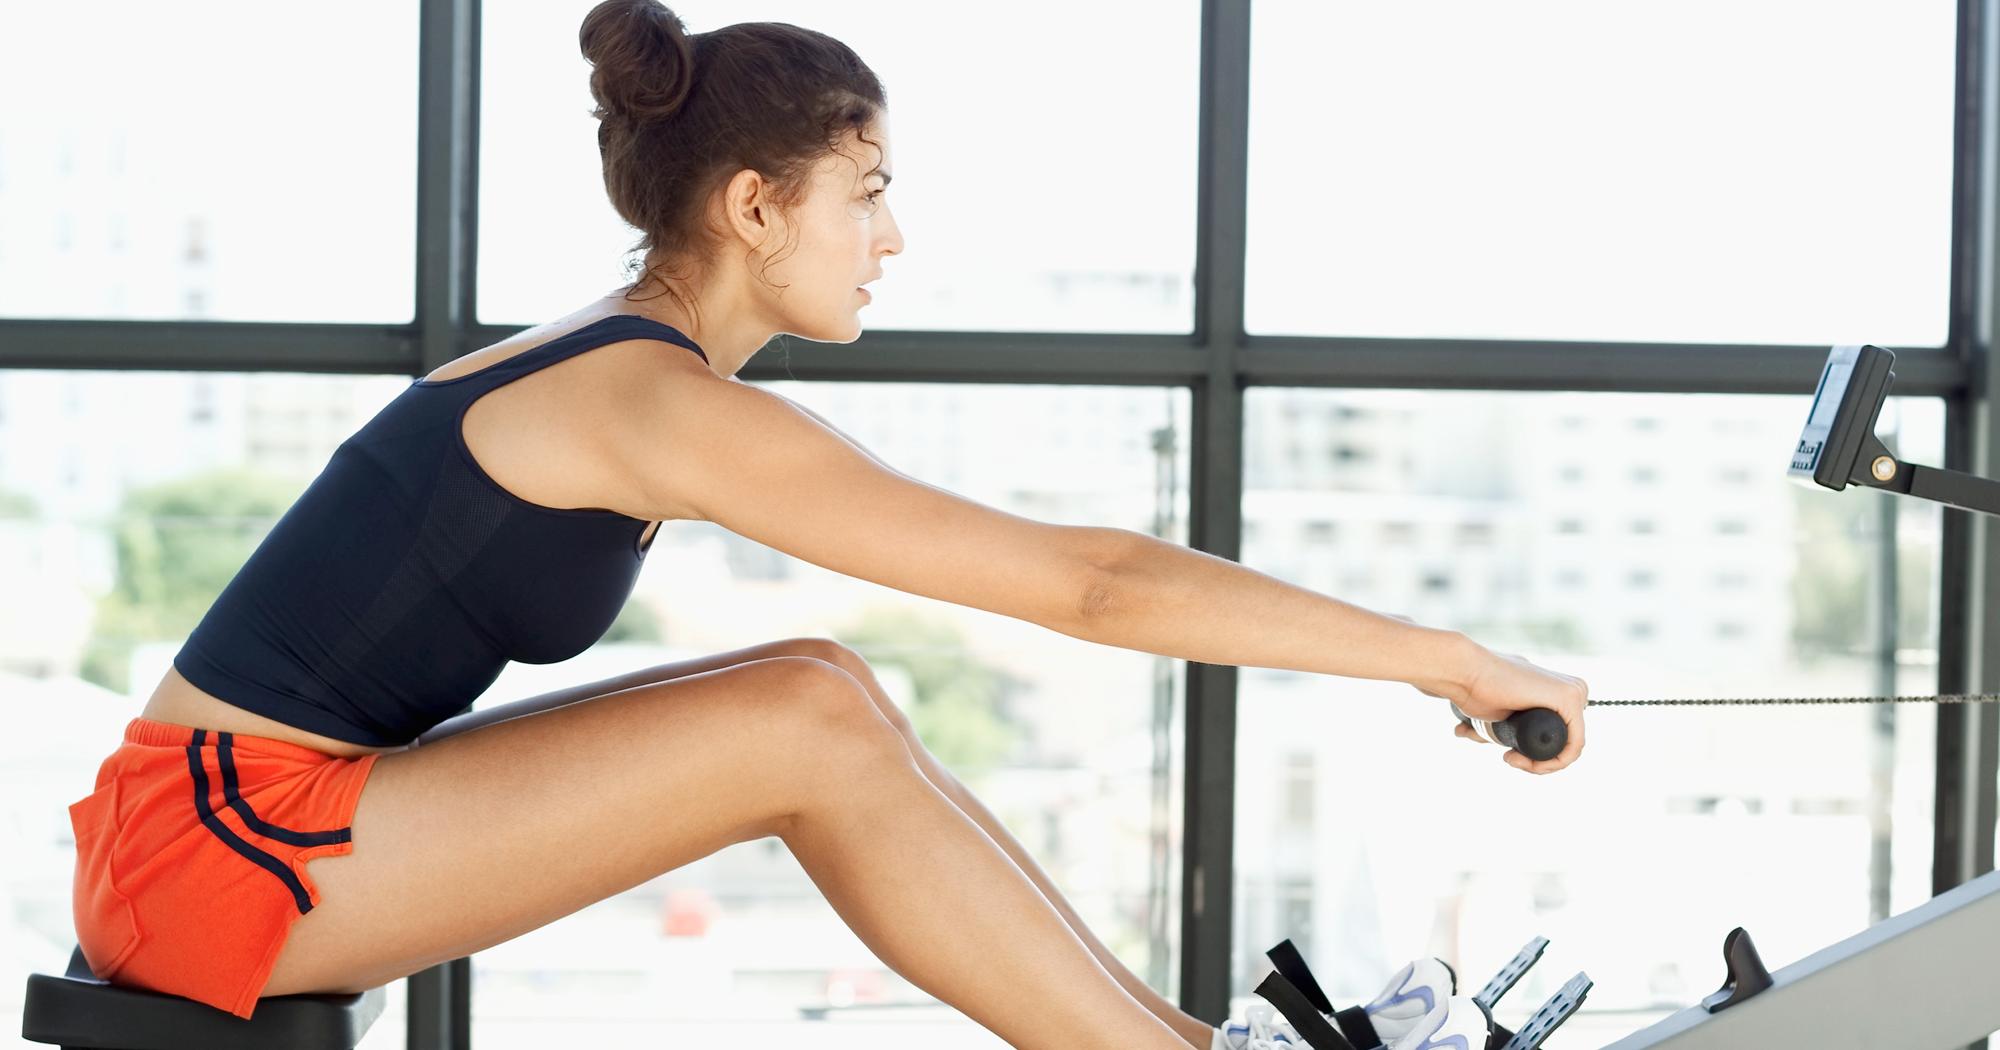 Упражнения В Тренажерном Зале Чтобы Сбросить Вес. Похудение в спортзале - комплексы тренировок и упражнений для мужчин или женщин с видео